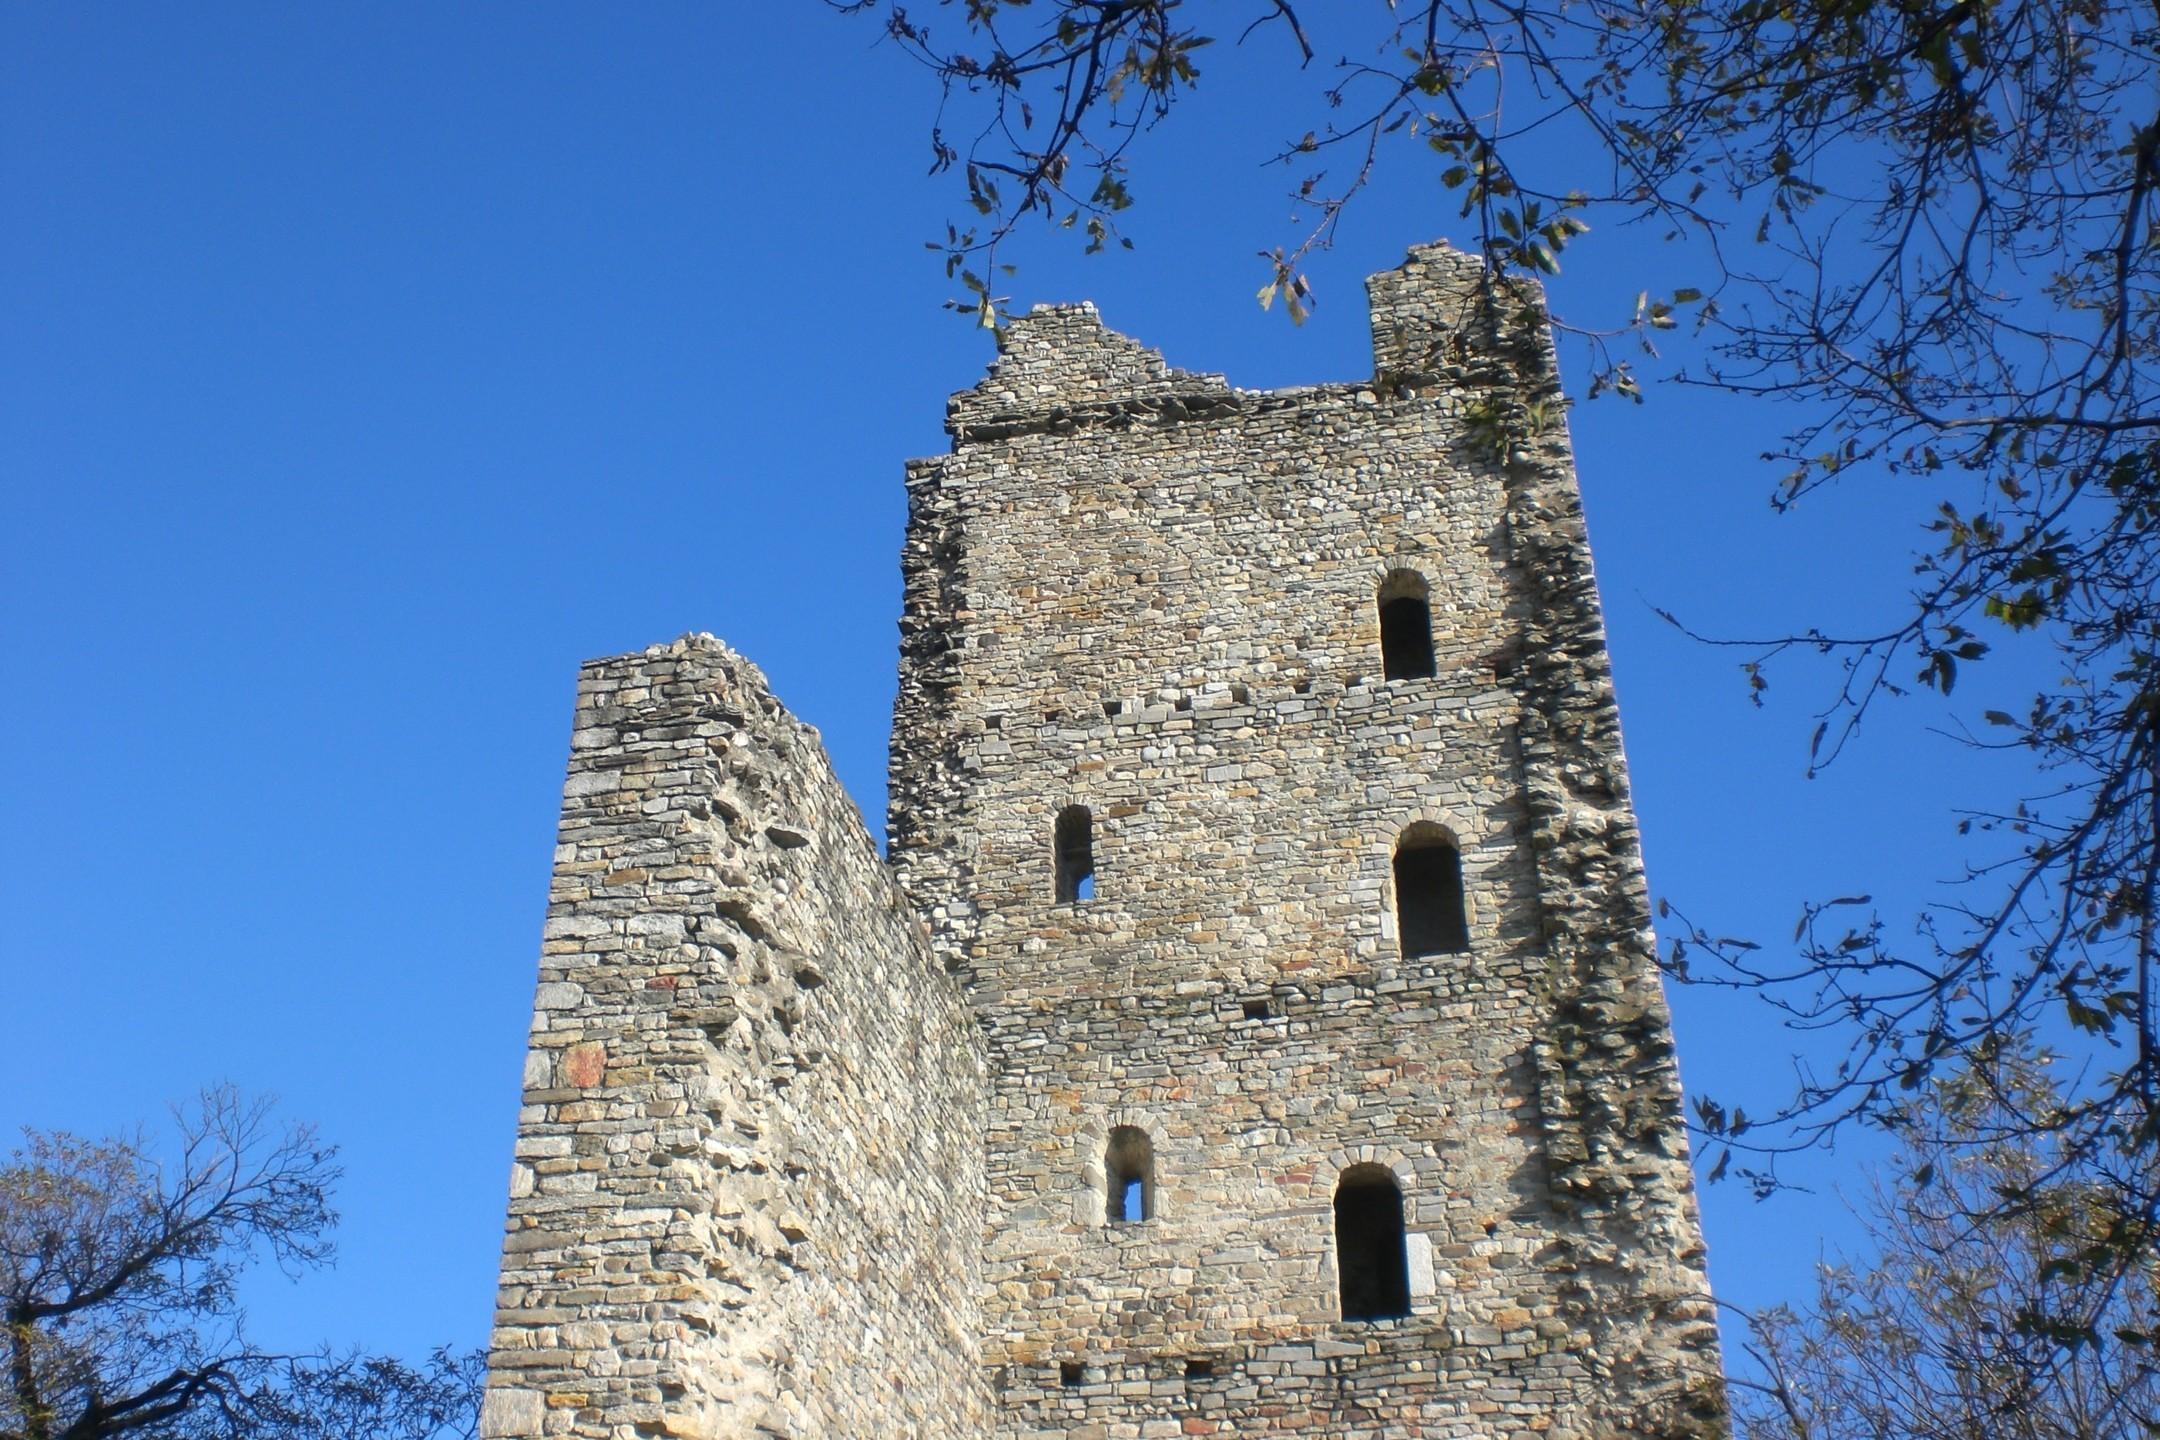 Torre di Velate